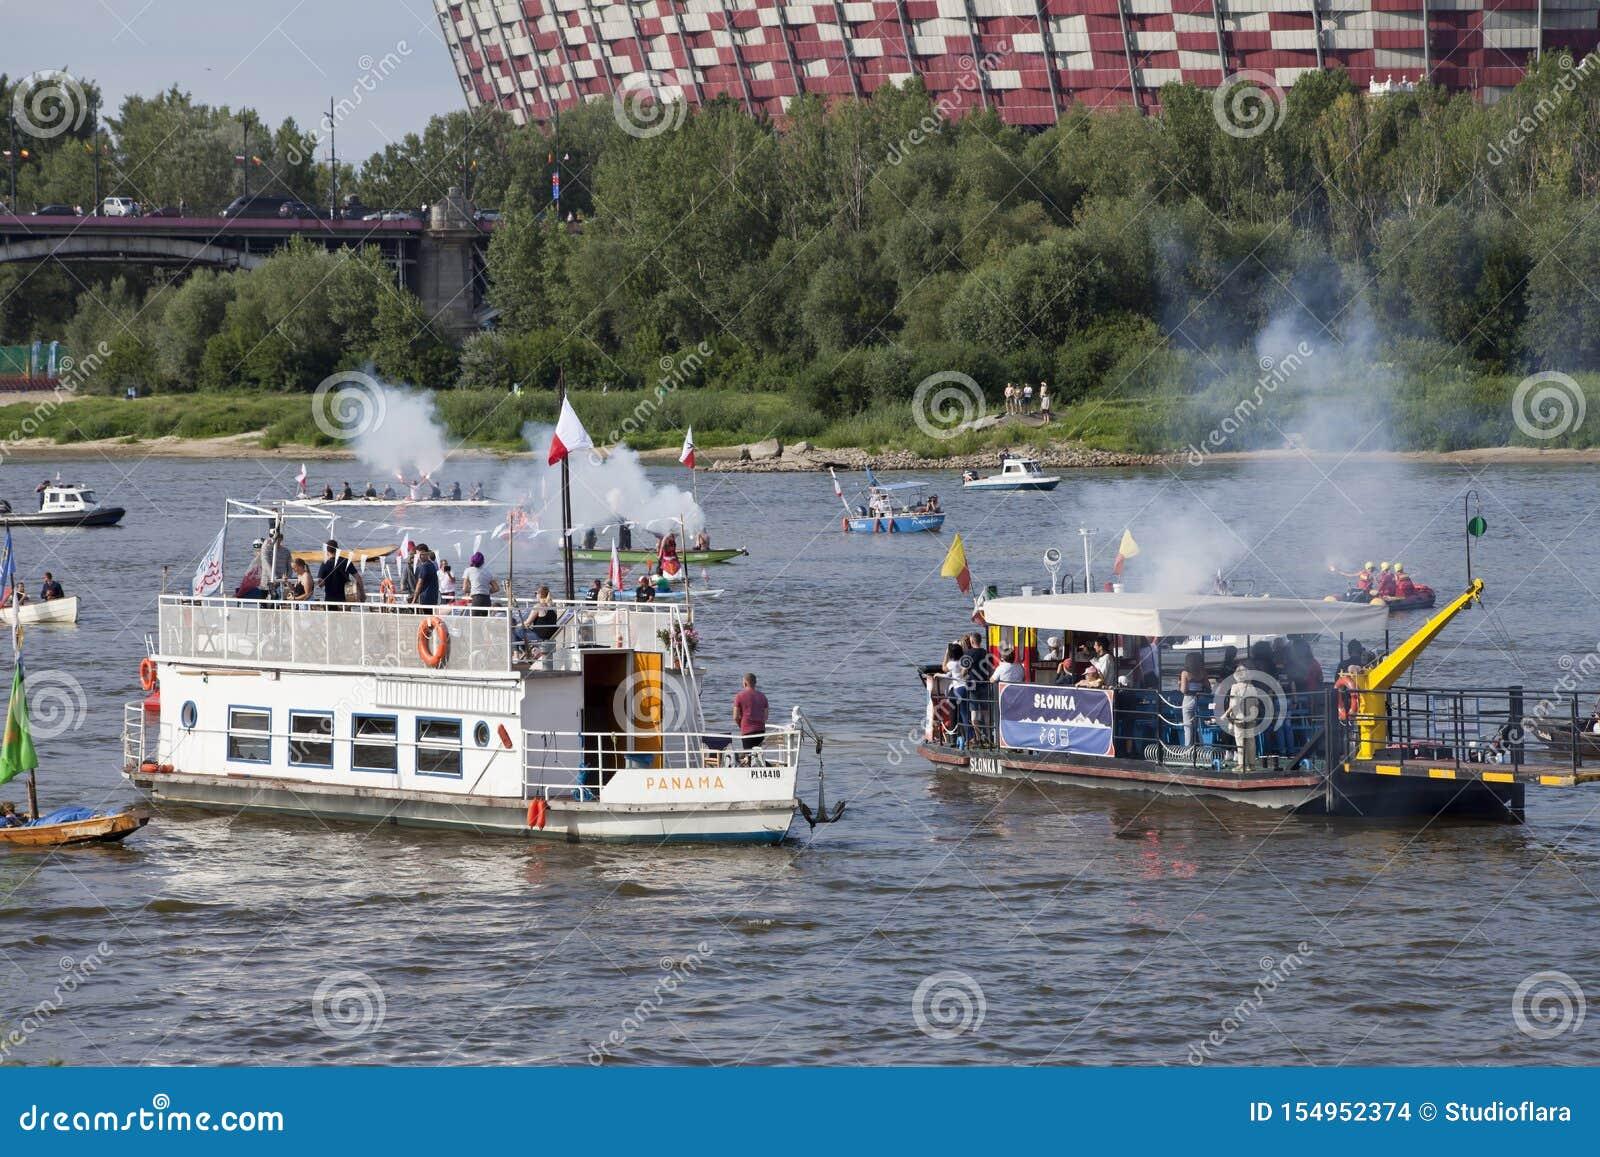 Boten op de rivier Vistula in Warshau tijdens de viering van 75ste verjaardag van de Opstand van Warshau